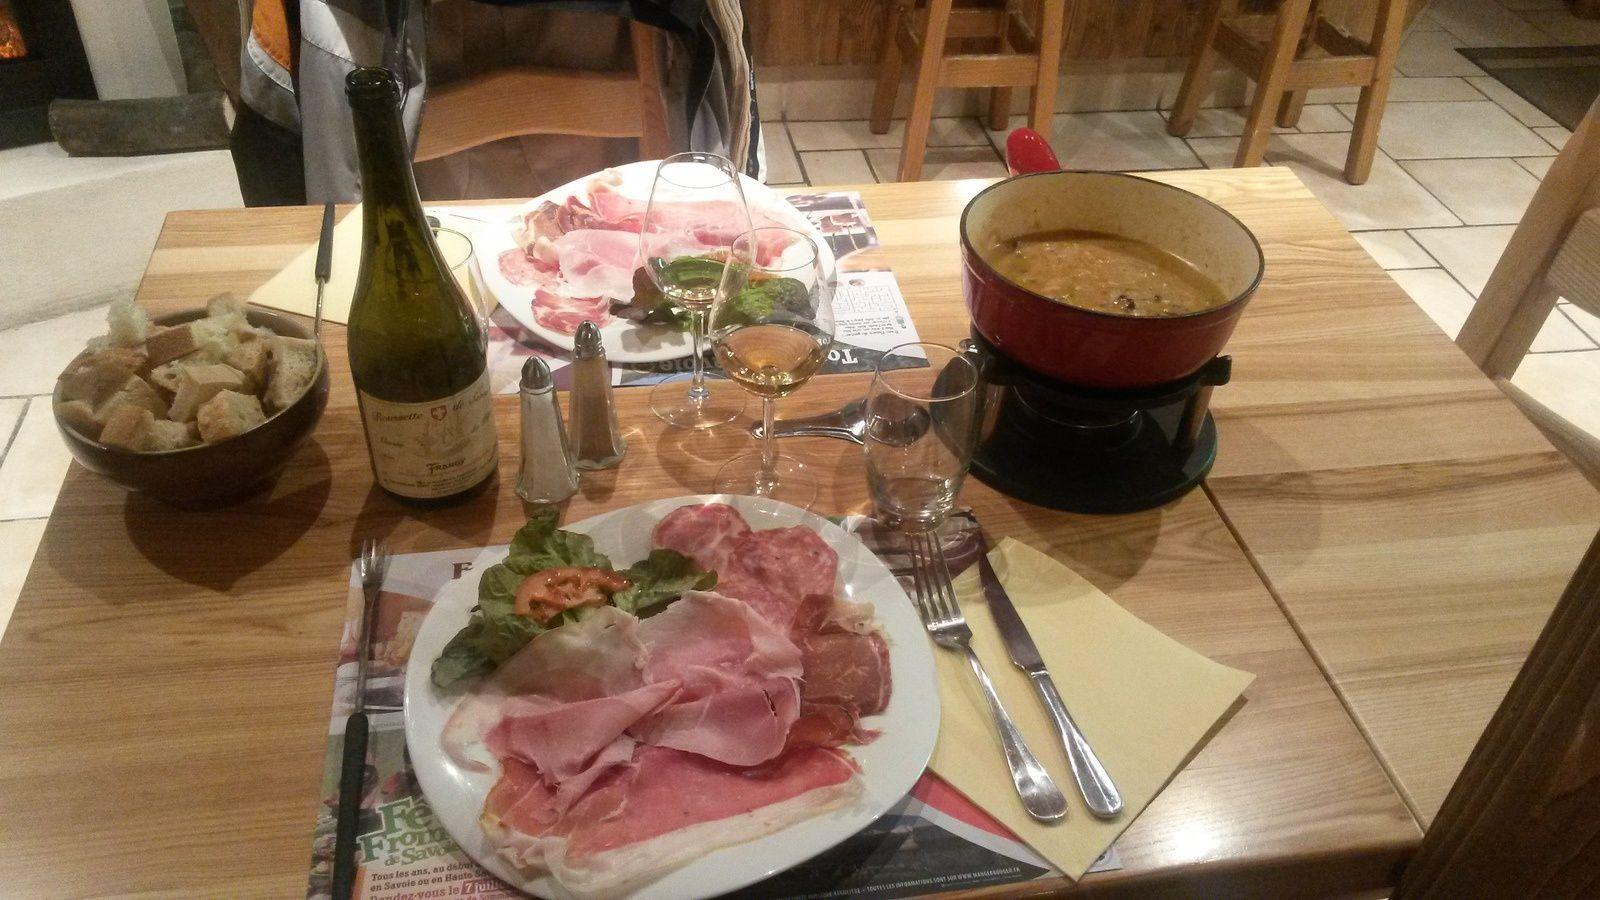 En Savoie, entre les fondues, la raclette, la tartiflette, les fromages et les charcuteries, on y trouve aussi d'étincelants vins chez certains vignerons